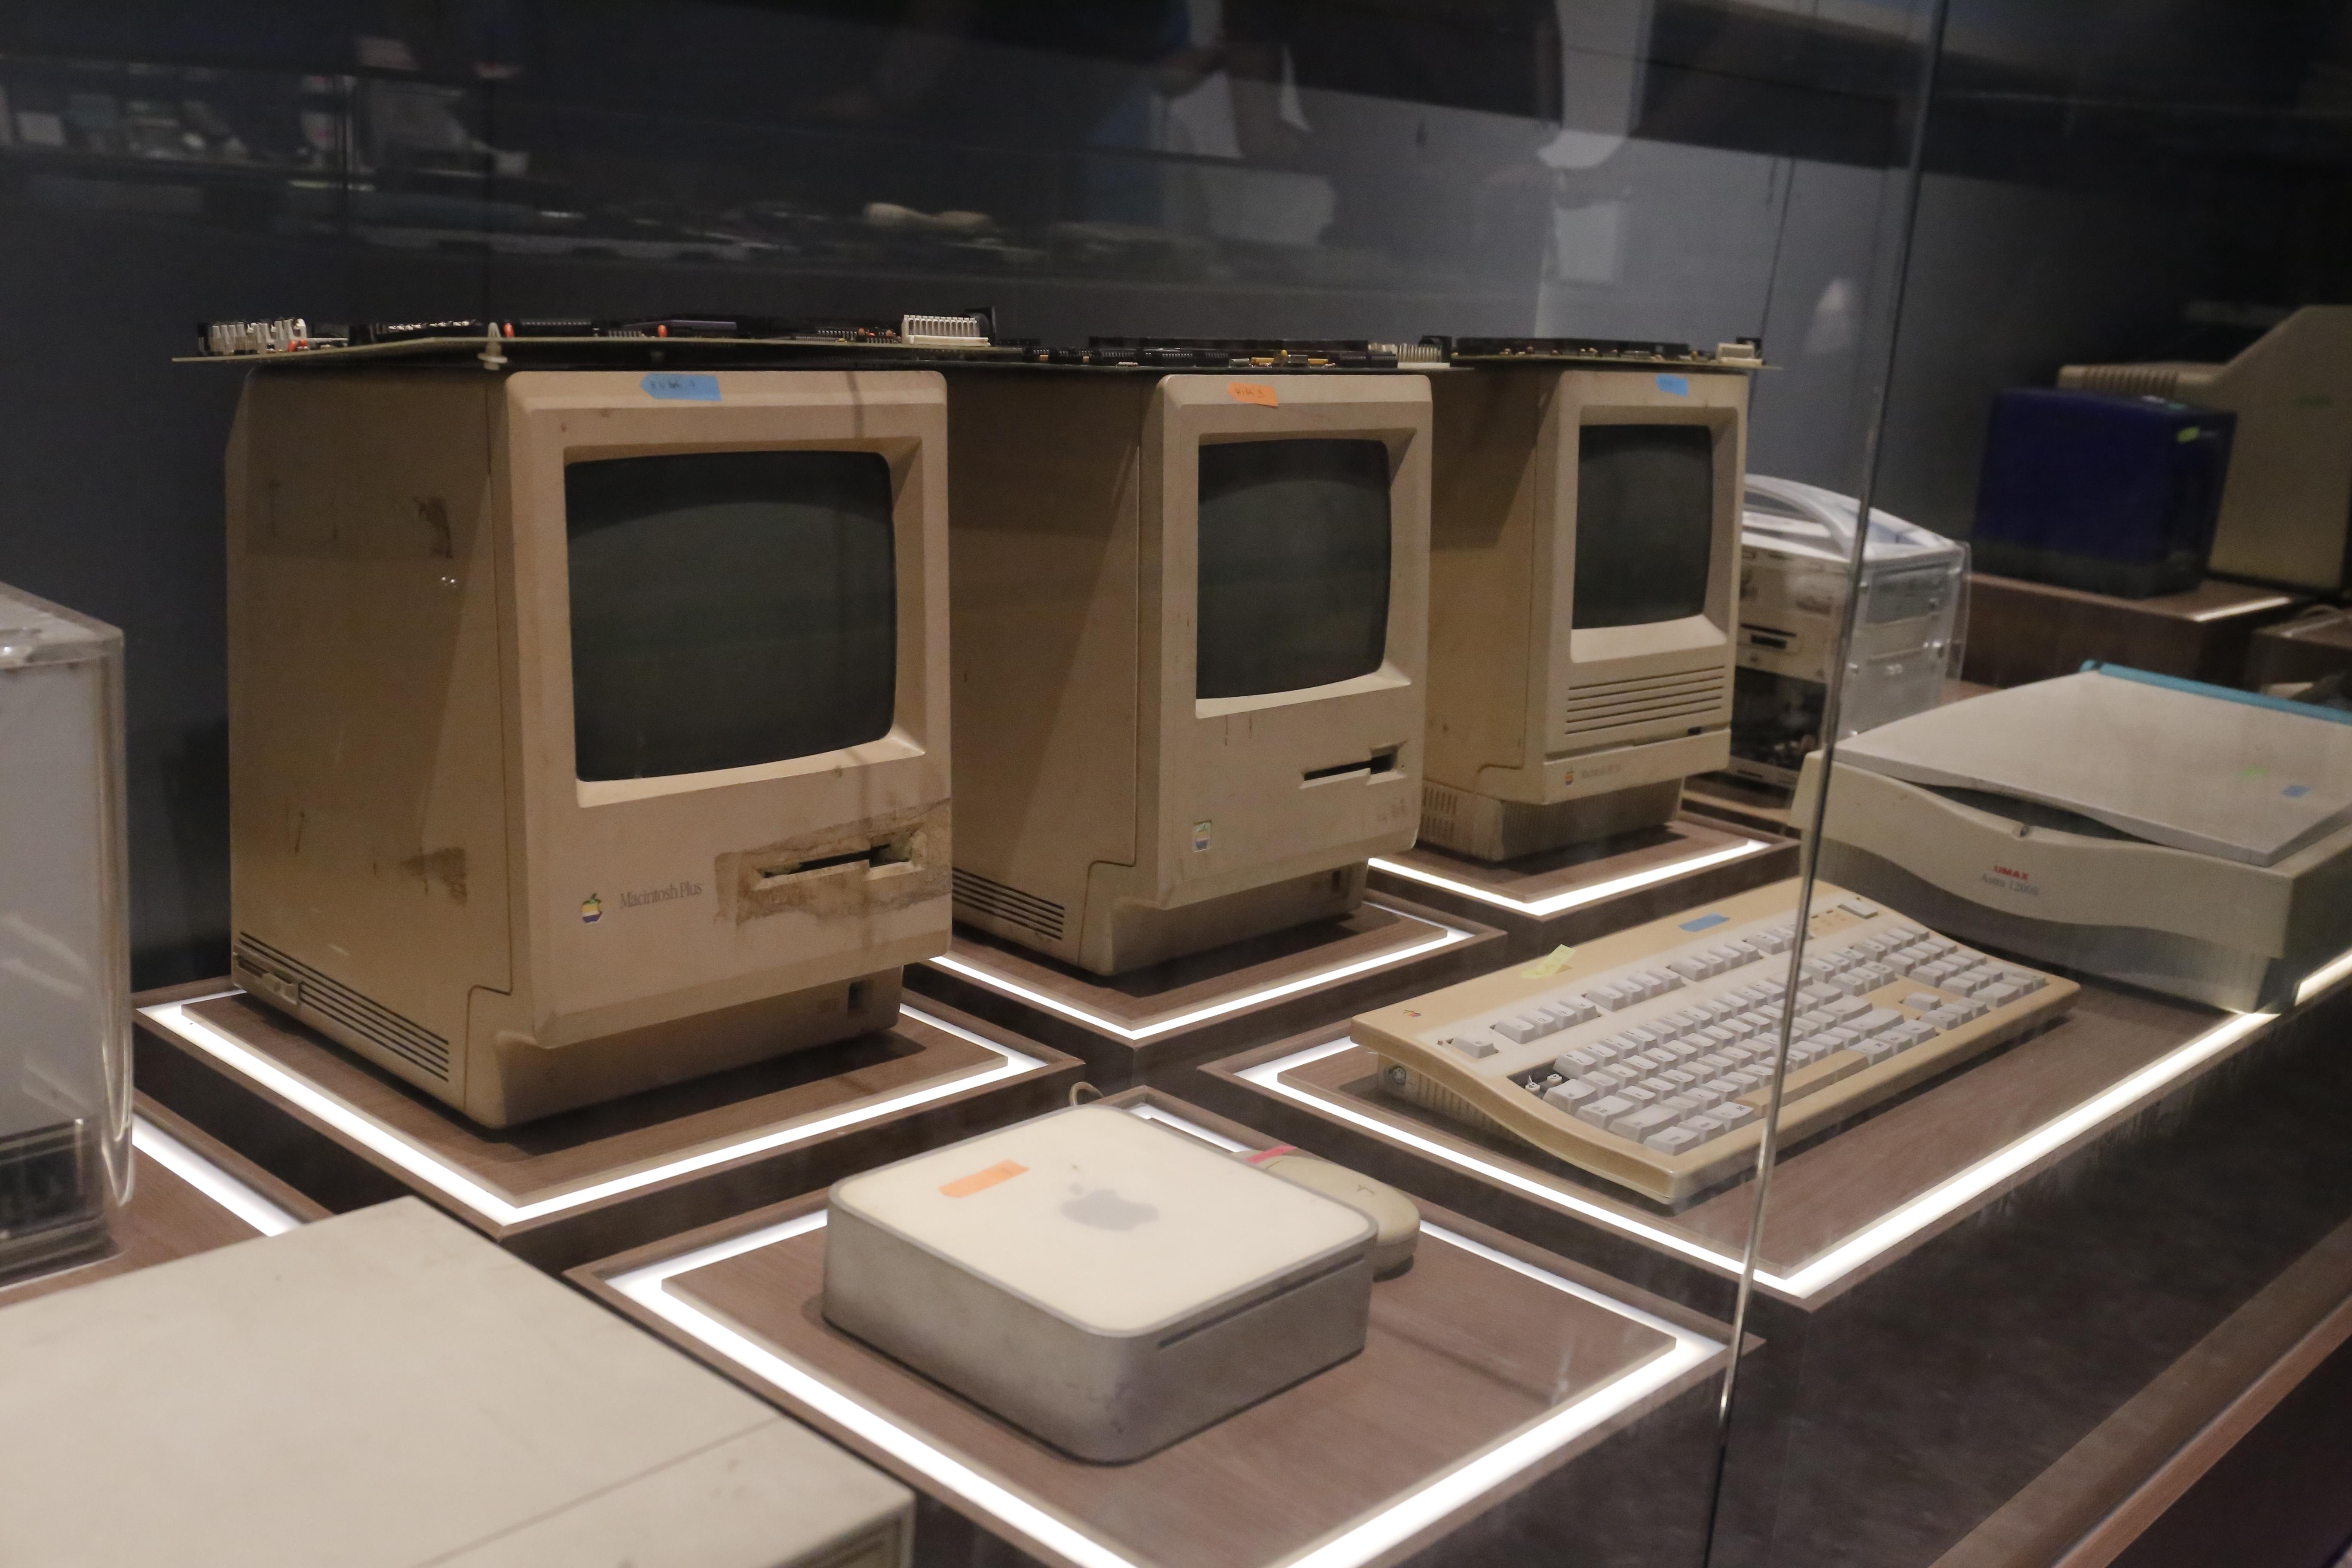 """Các máy tính Macintosh những năm 1984, 1986, 1988 của hãng Apple. Theo TS. Công, """"dòng Mac này là một cuộc cách mạng, cách mạng ở chỗ nó thay giao diện chữ bằng giao diện đồ họa, thay giao diện bàn phím bằng giao diện con chuột"""". Với những chiếc máy tính này, nhóm của TS. Công đã sử dụng để làm những font chữ Việt đầu tiên."""